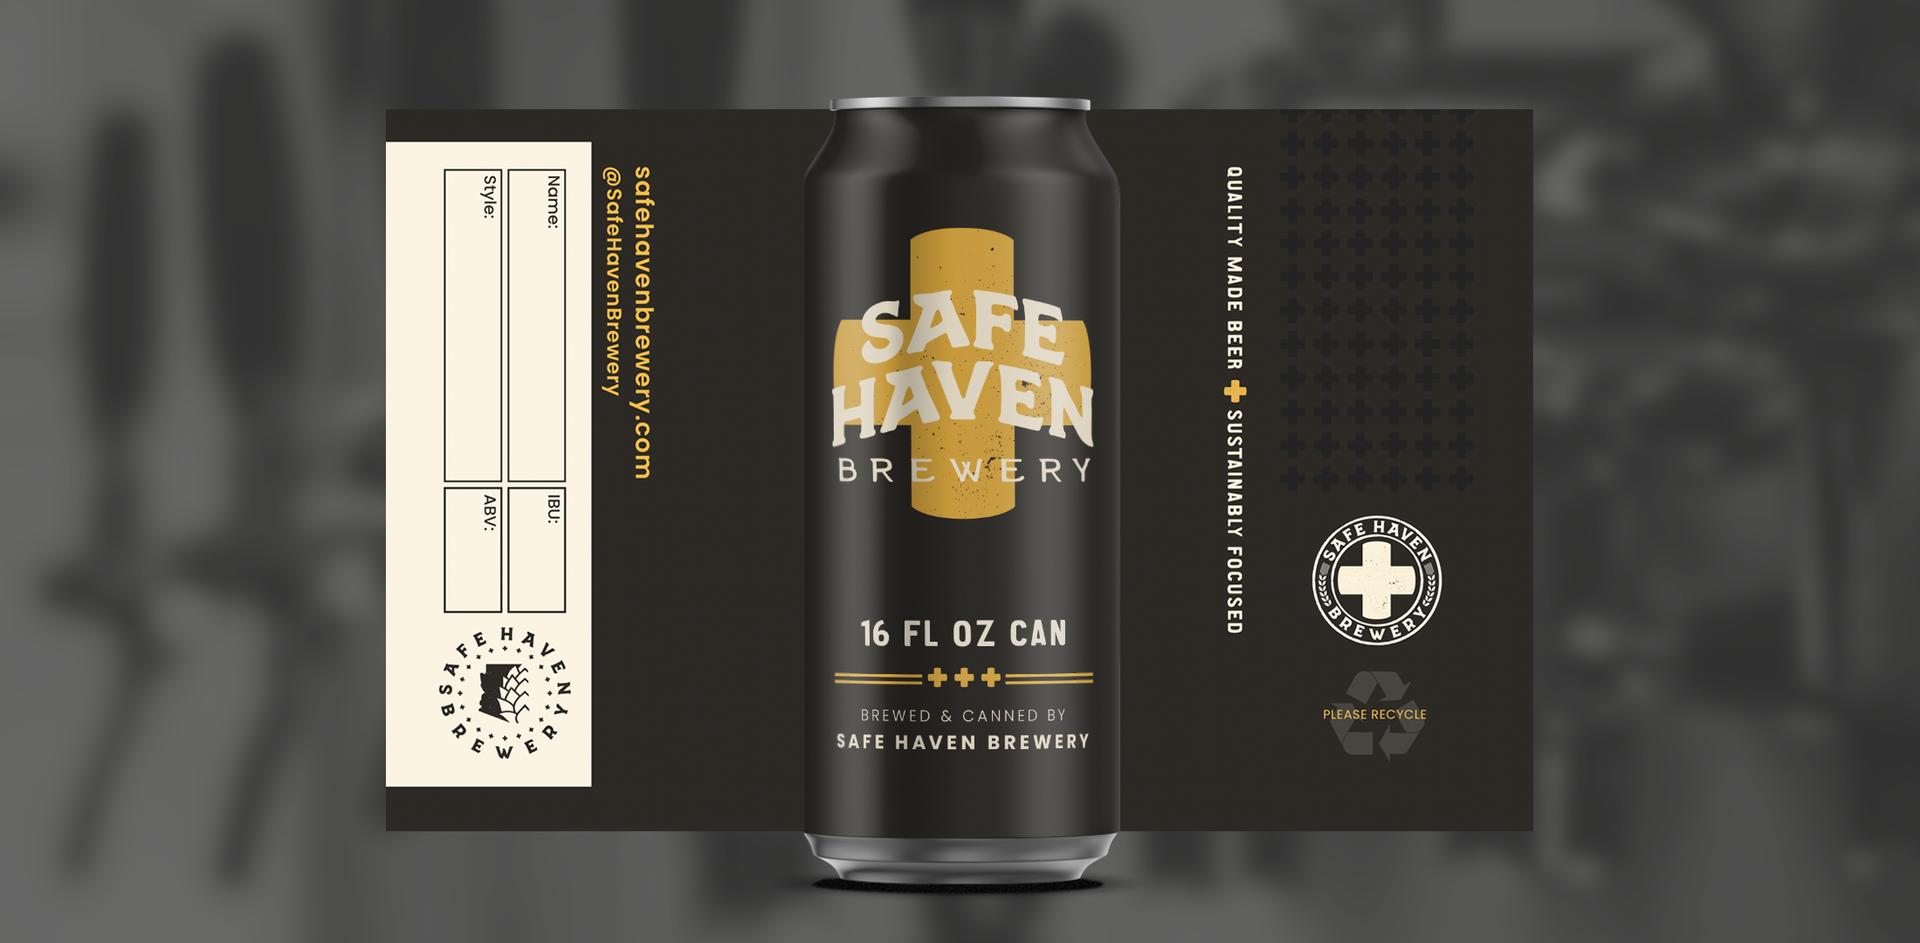 Safe Haven Brewery - Brand Development